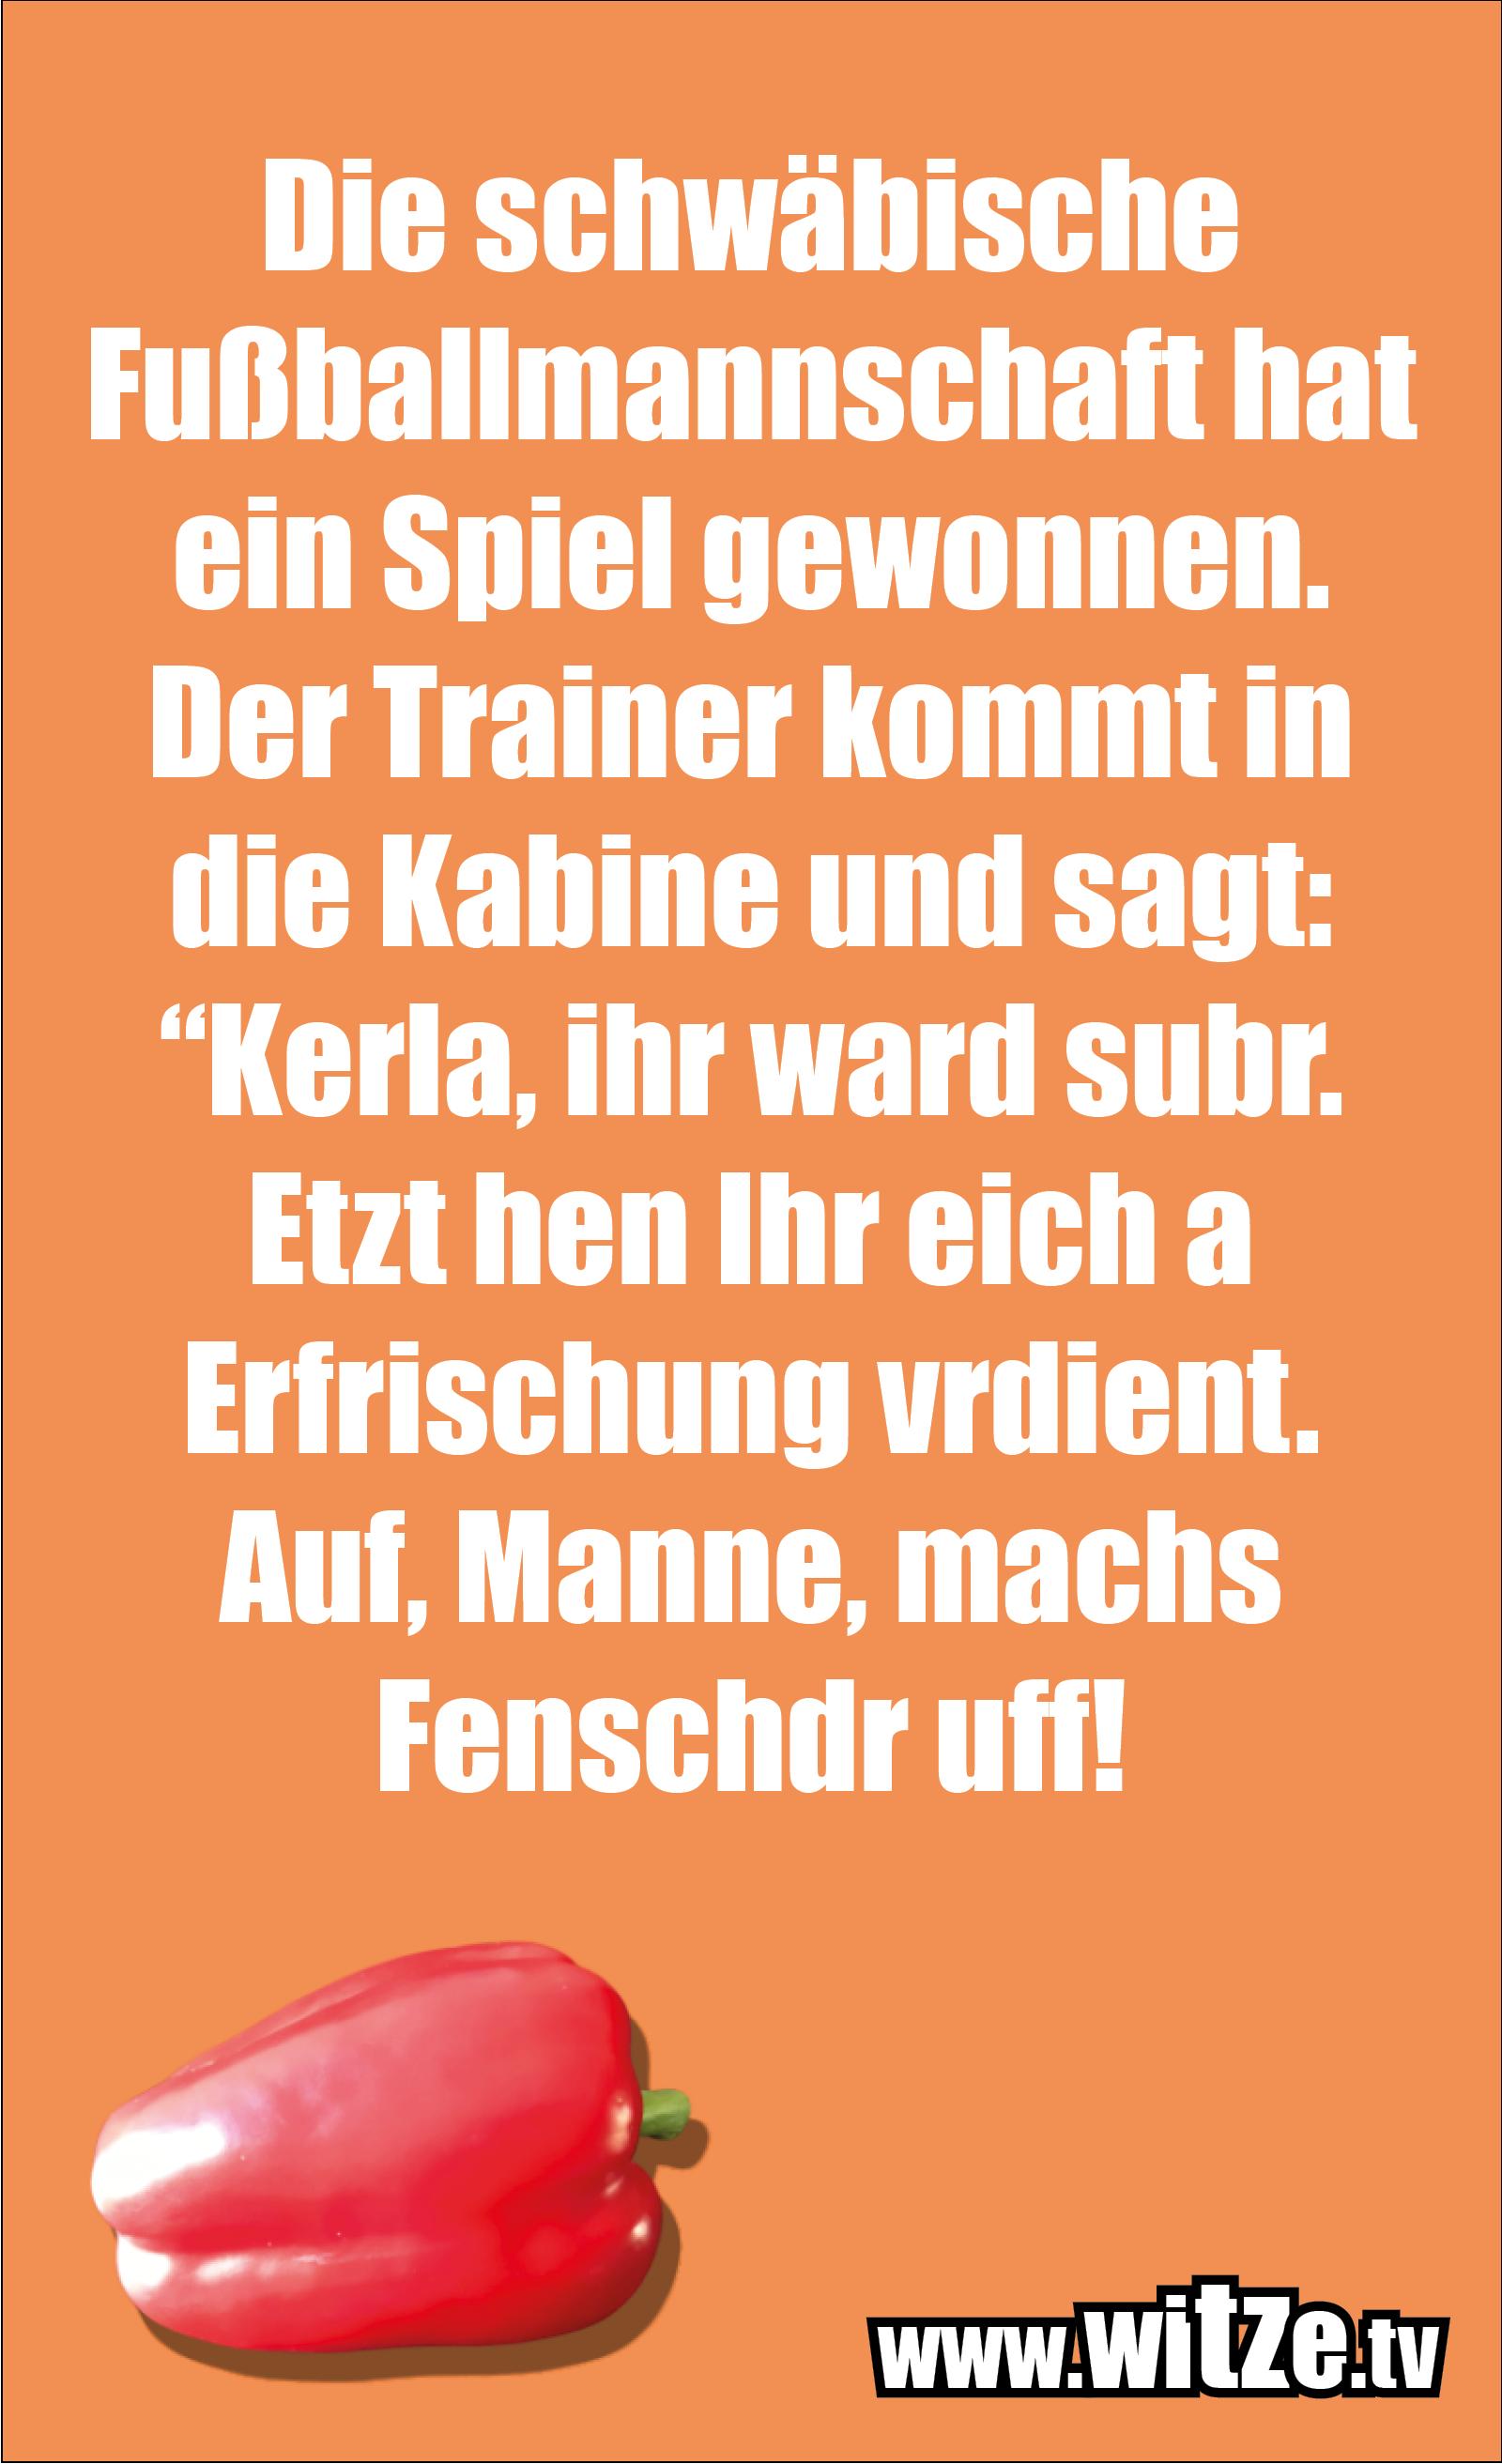 """Schwaben Witz… Die schwäbische Fußballmannschaft hat ein Spiel gewonnen. Der Trainer kommt in die Kabine und sagt: """"Kerla, ihr ward subr. Etzt hen Ihr eich a Erfrischung vrdient. Auf, Manne, machs Fenschdr uff!"""